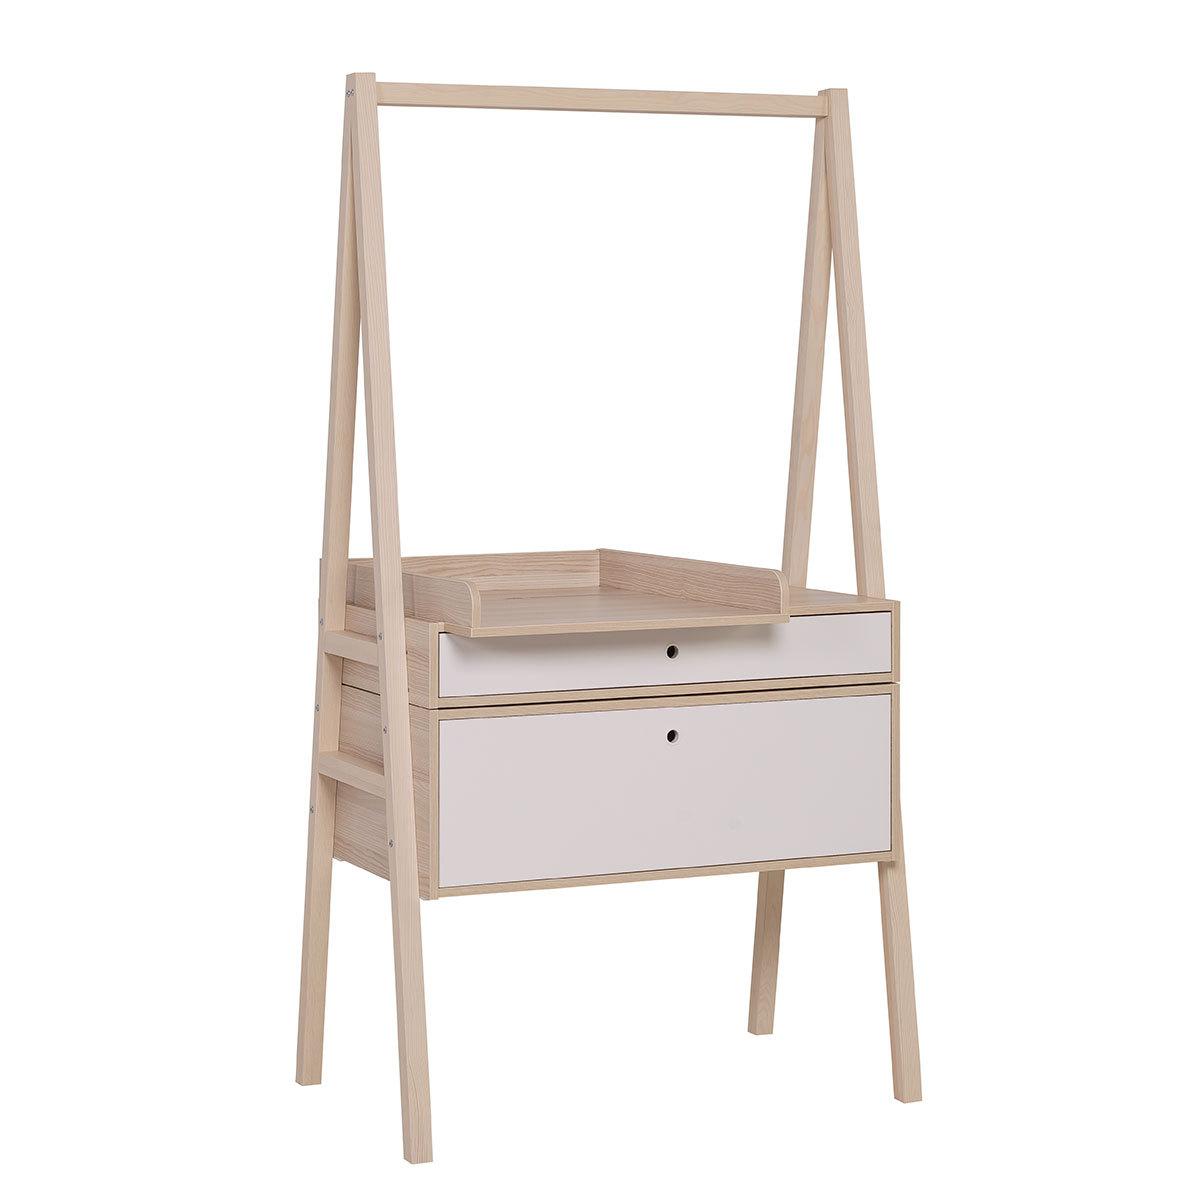 vox meubles commode langer dressing spot commode vox meubles sur l 39 armoire de b b. Black Bedroom Furniture Sets. Home Design Ideas